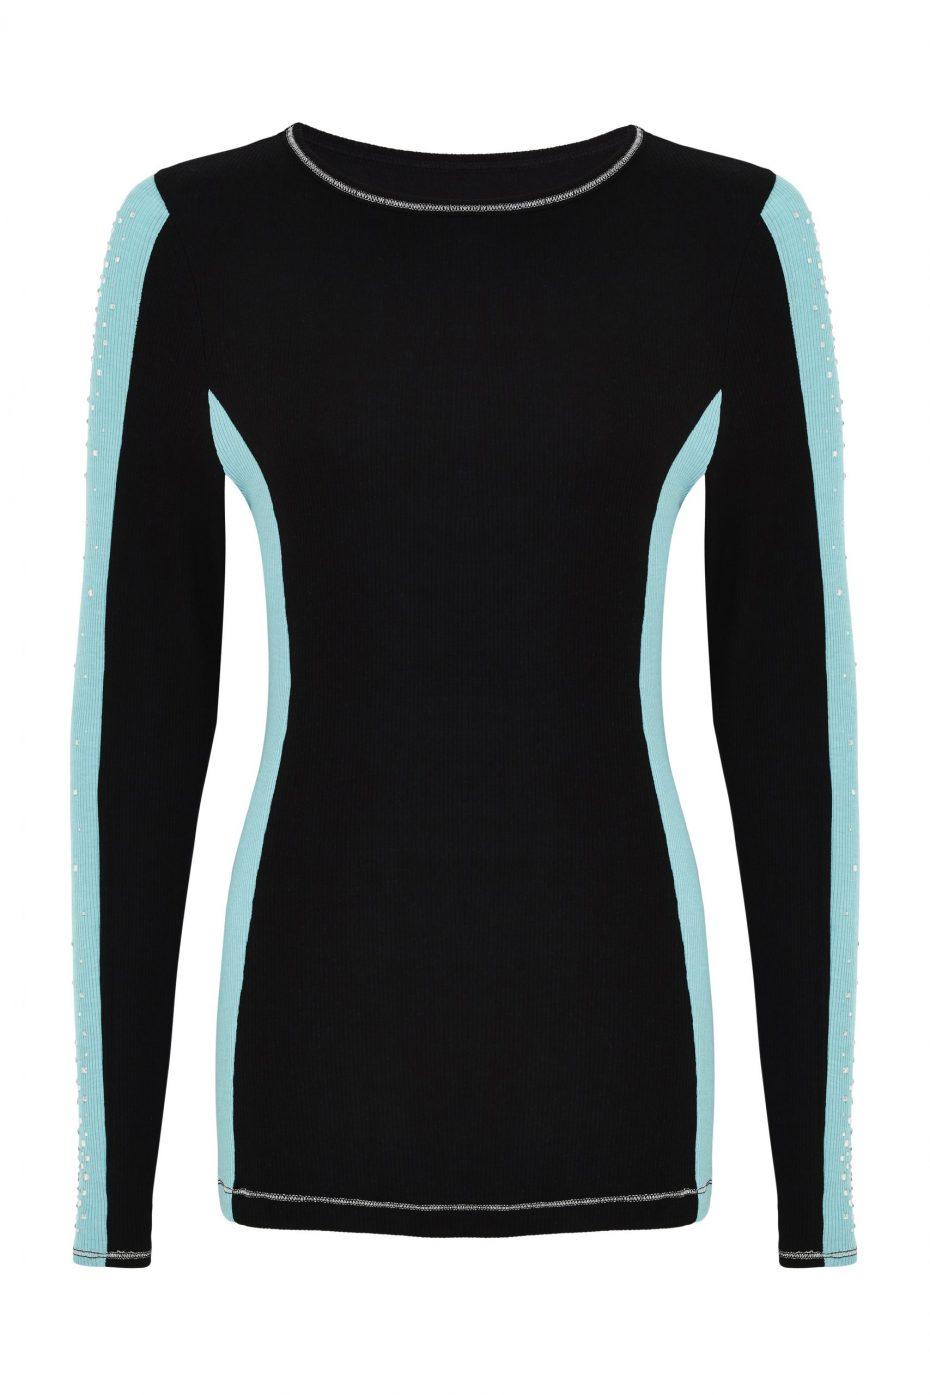 S'No Queen: DoubleStriper crew neck: Black & Tiffany Blue-337